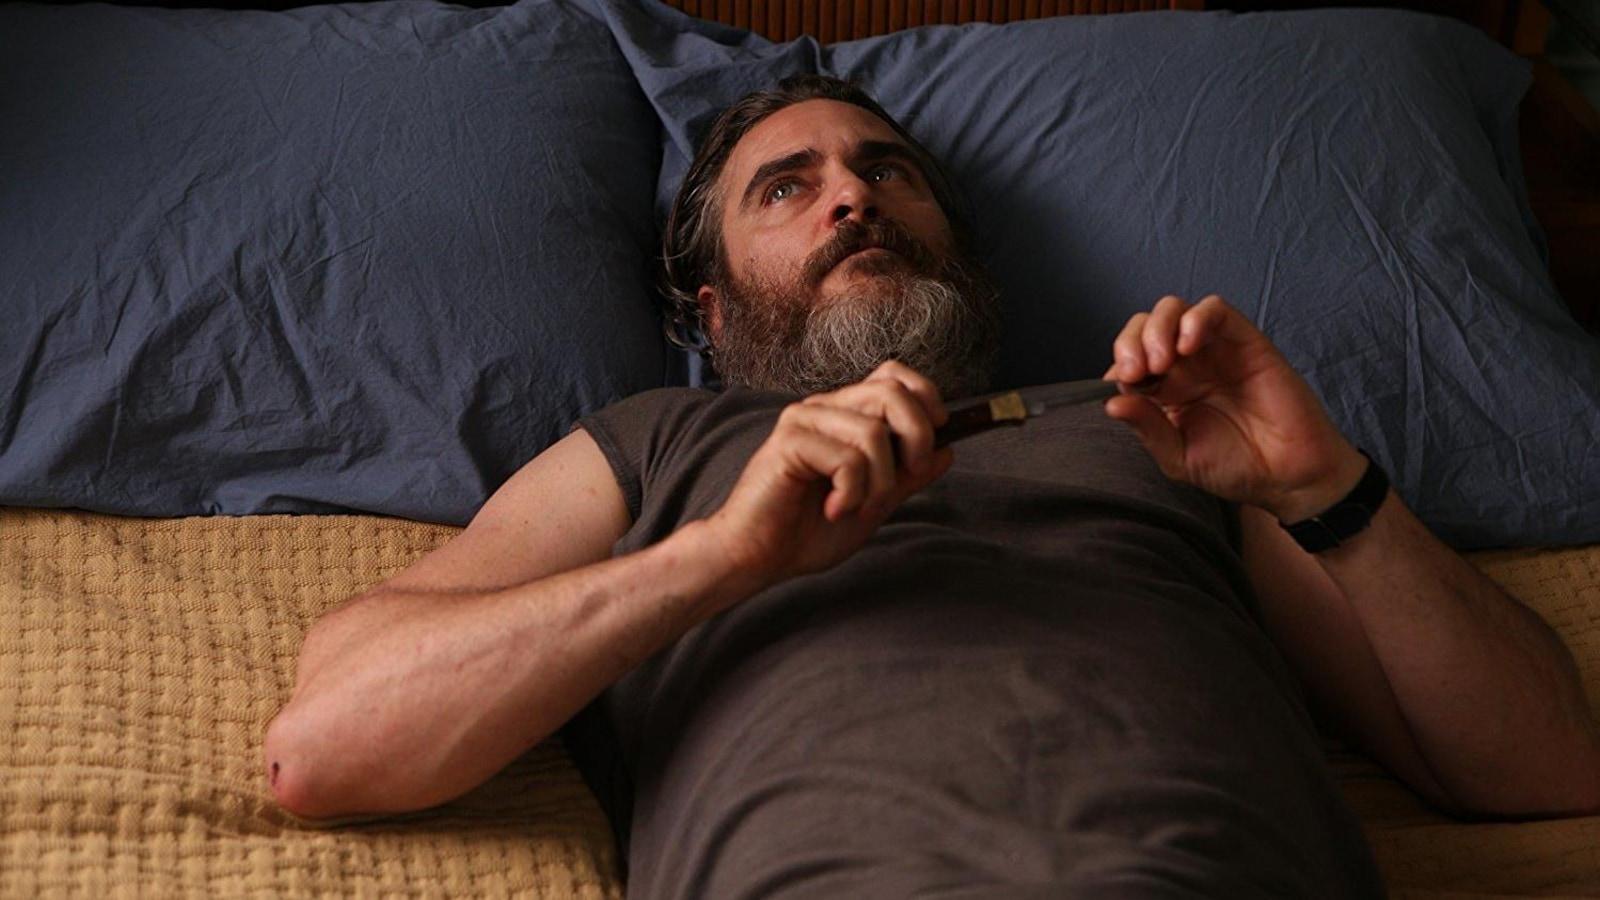 Joaquin Phoenix est allongé sur un lit, avec un couteau dans les mains, dans une scène du film <i>Tu n'as jamais été vraiment là</i>.